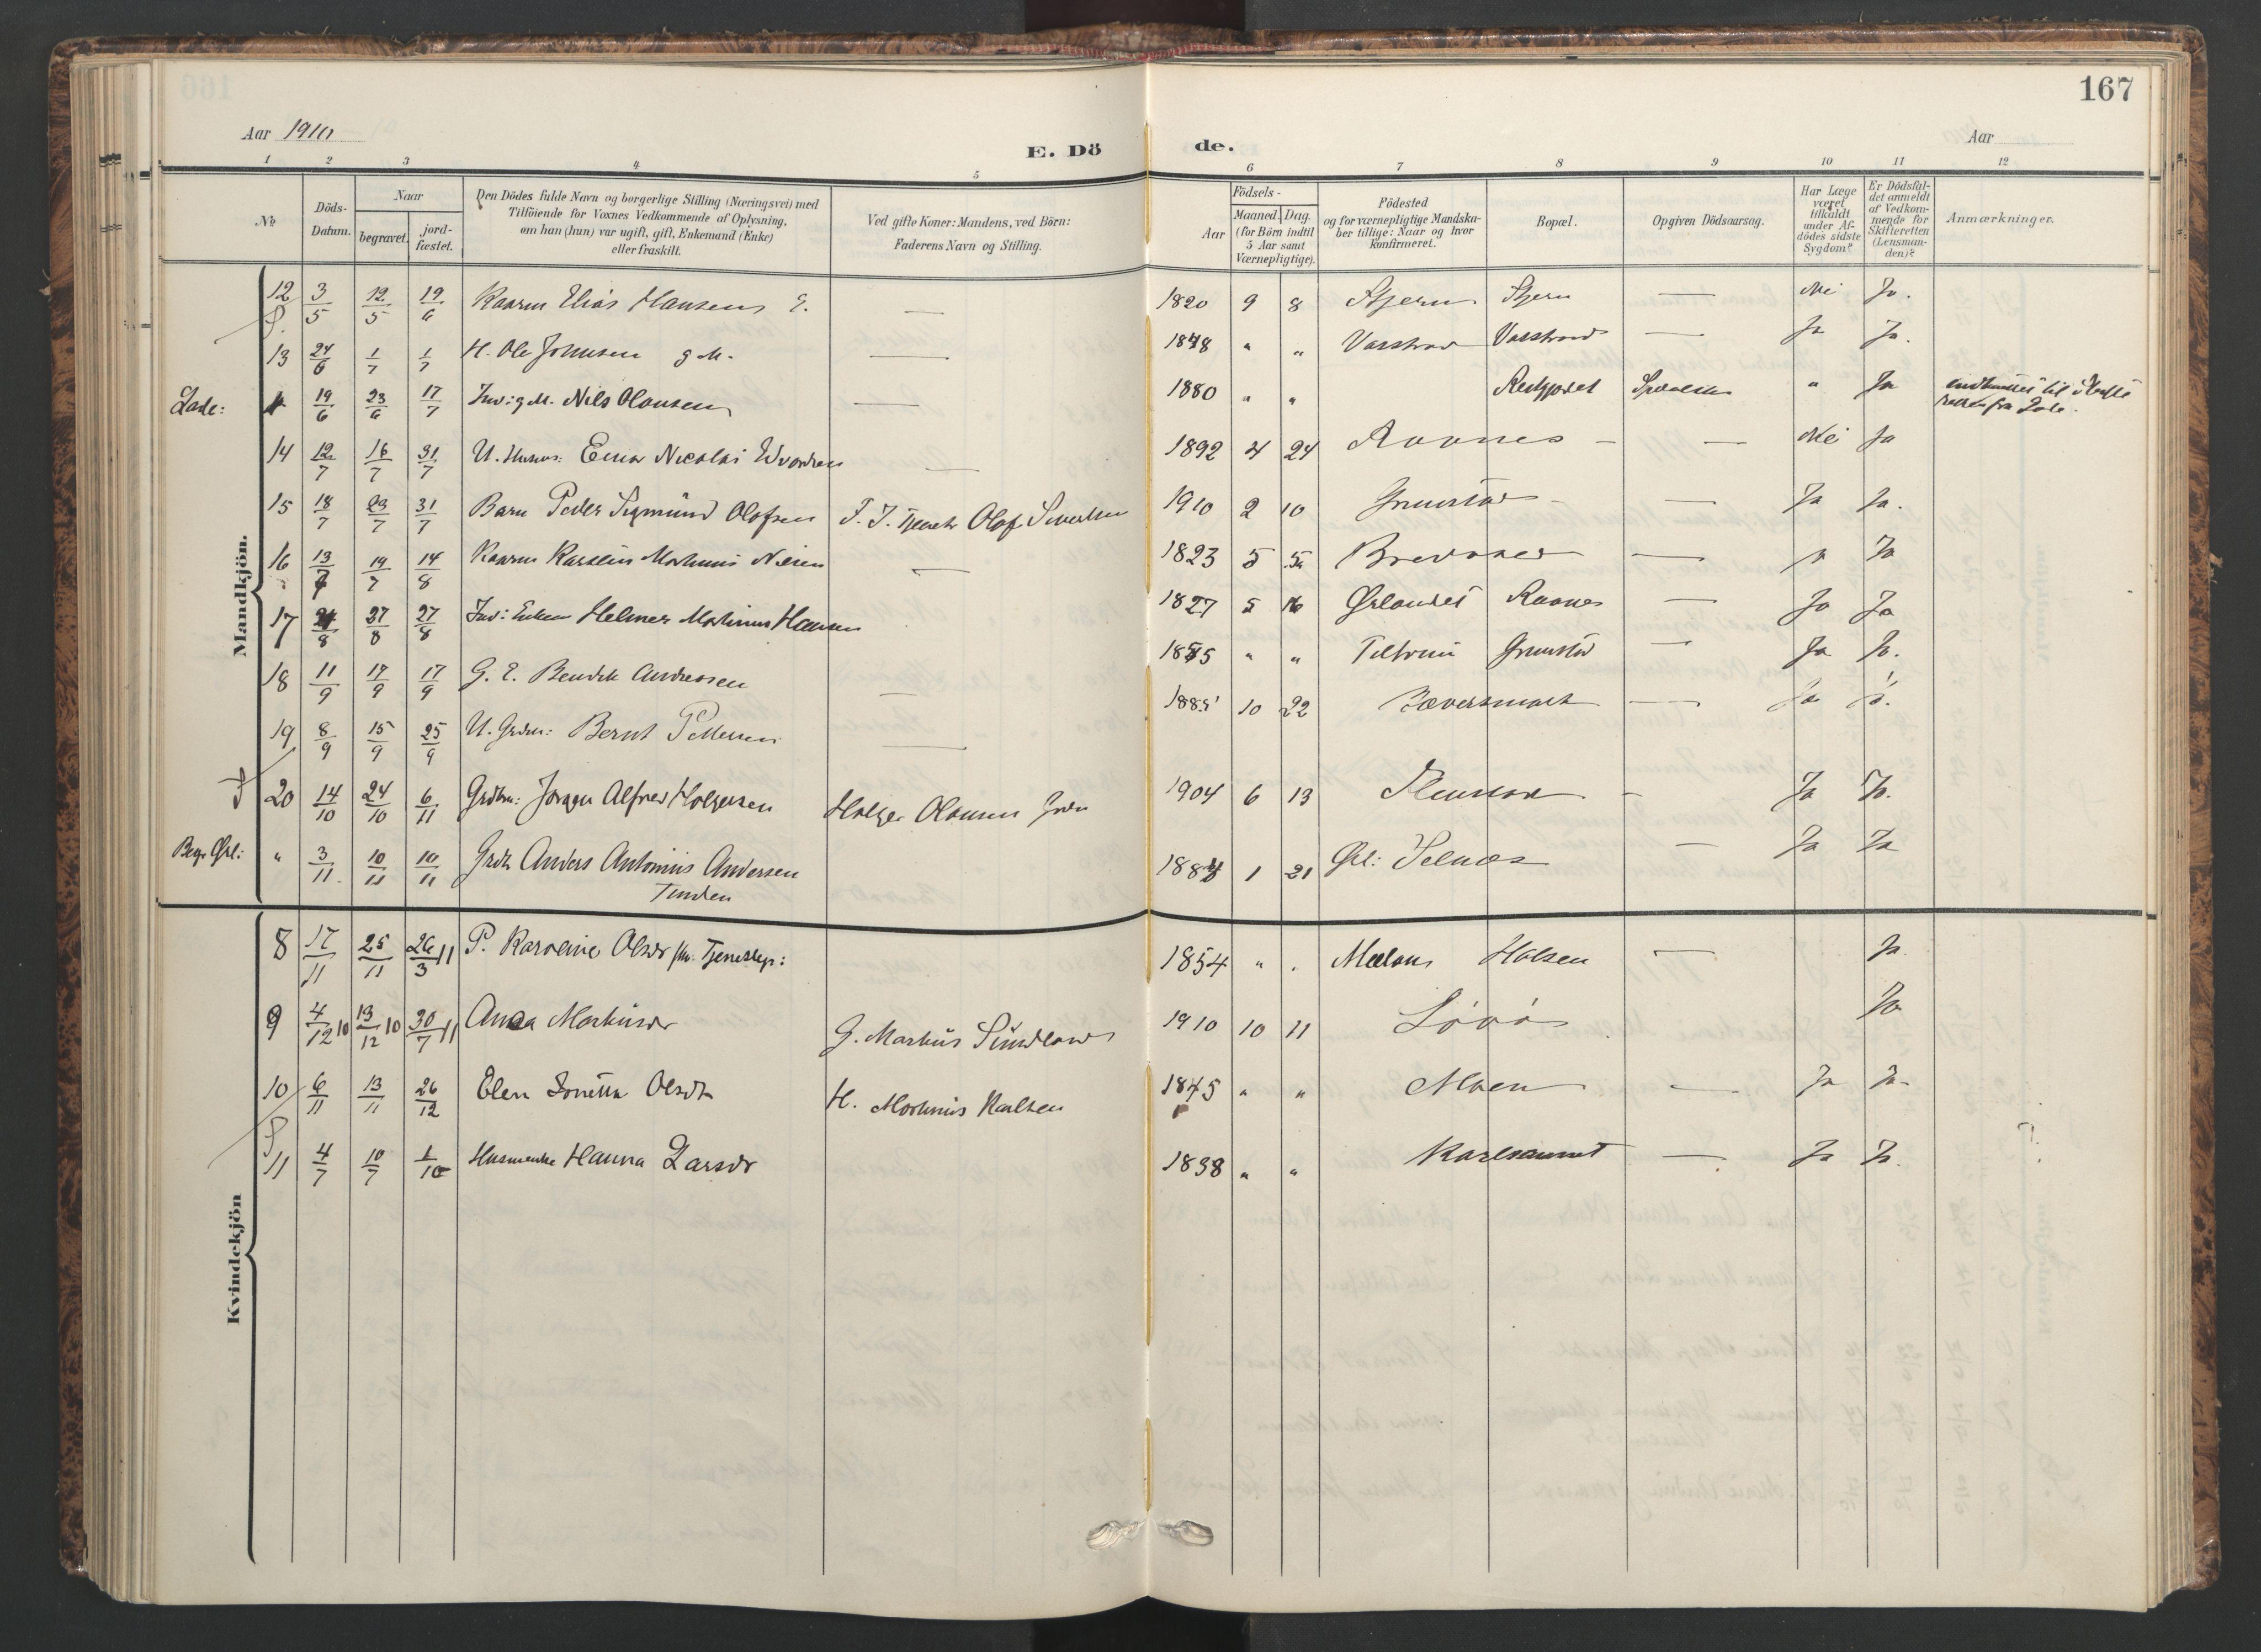 SAT, Ministerialprotokoller, klokkerbøker og fødselsregistre - Sør-Trøndelag, 655/L0682: Ministerialbok nr. 655A11, 1908-1922, s. 167